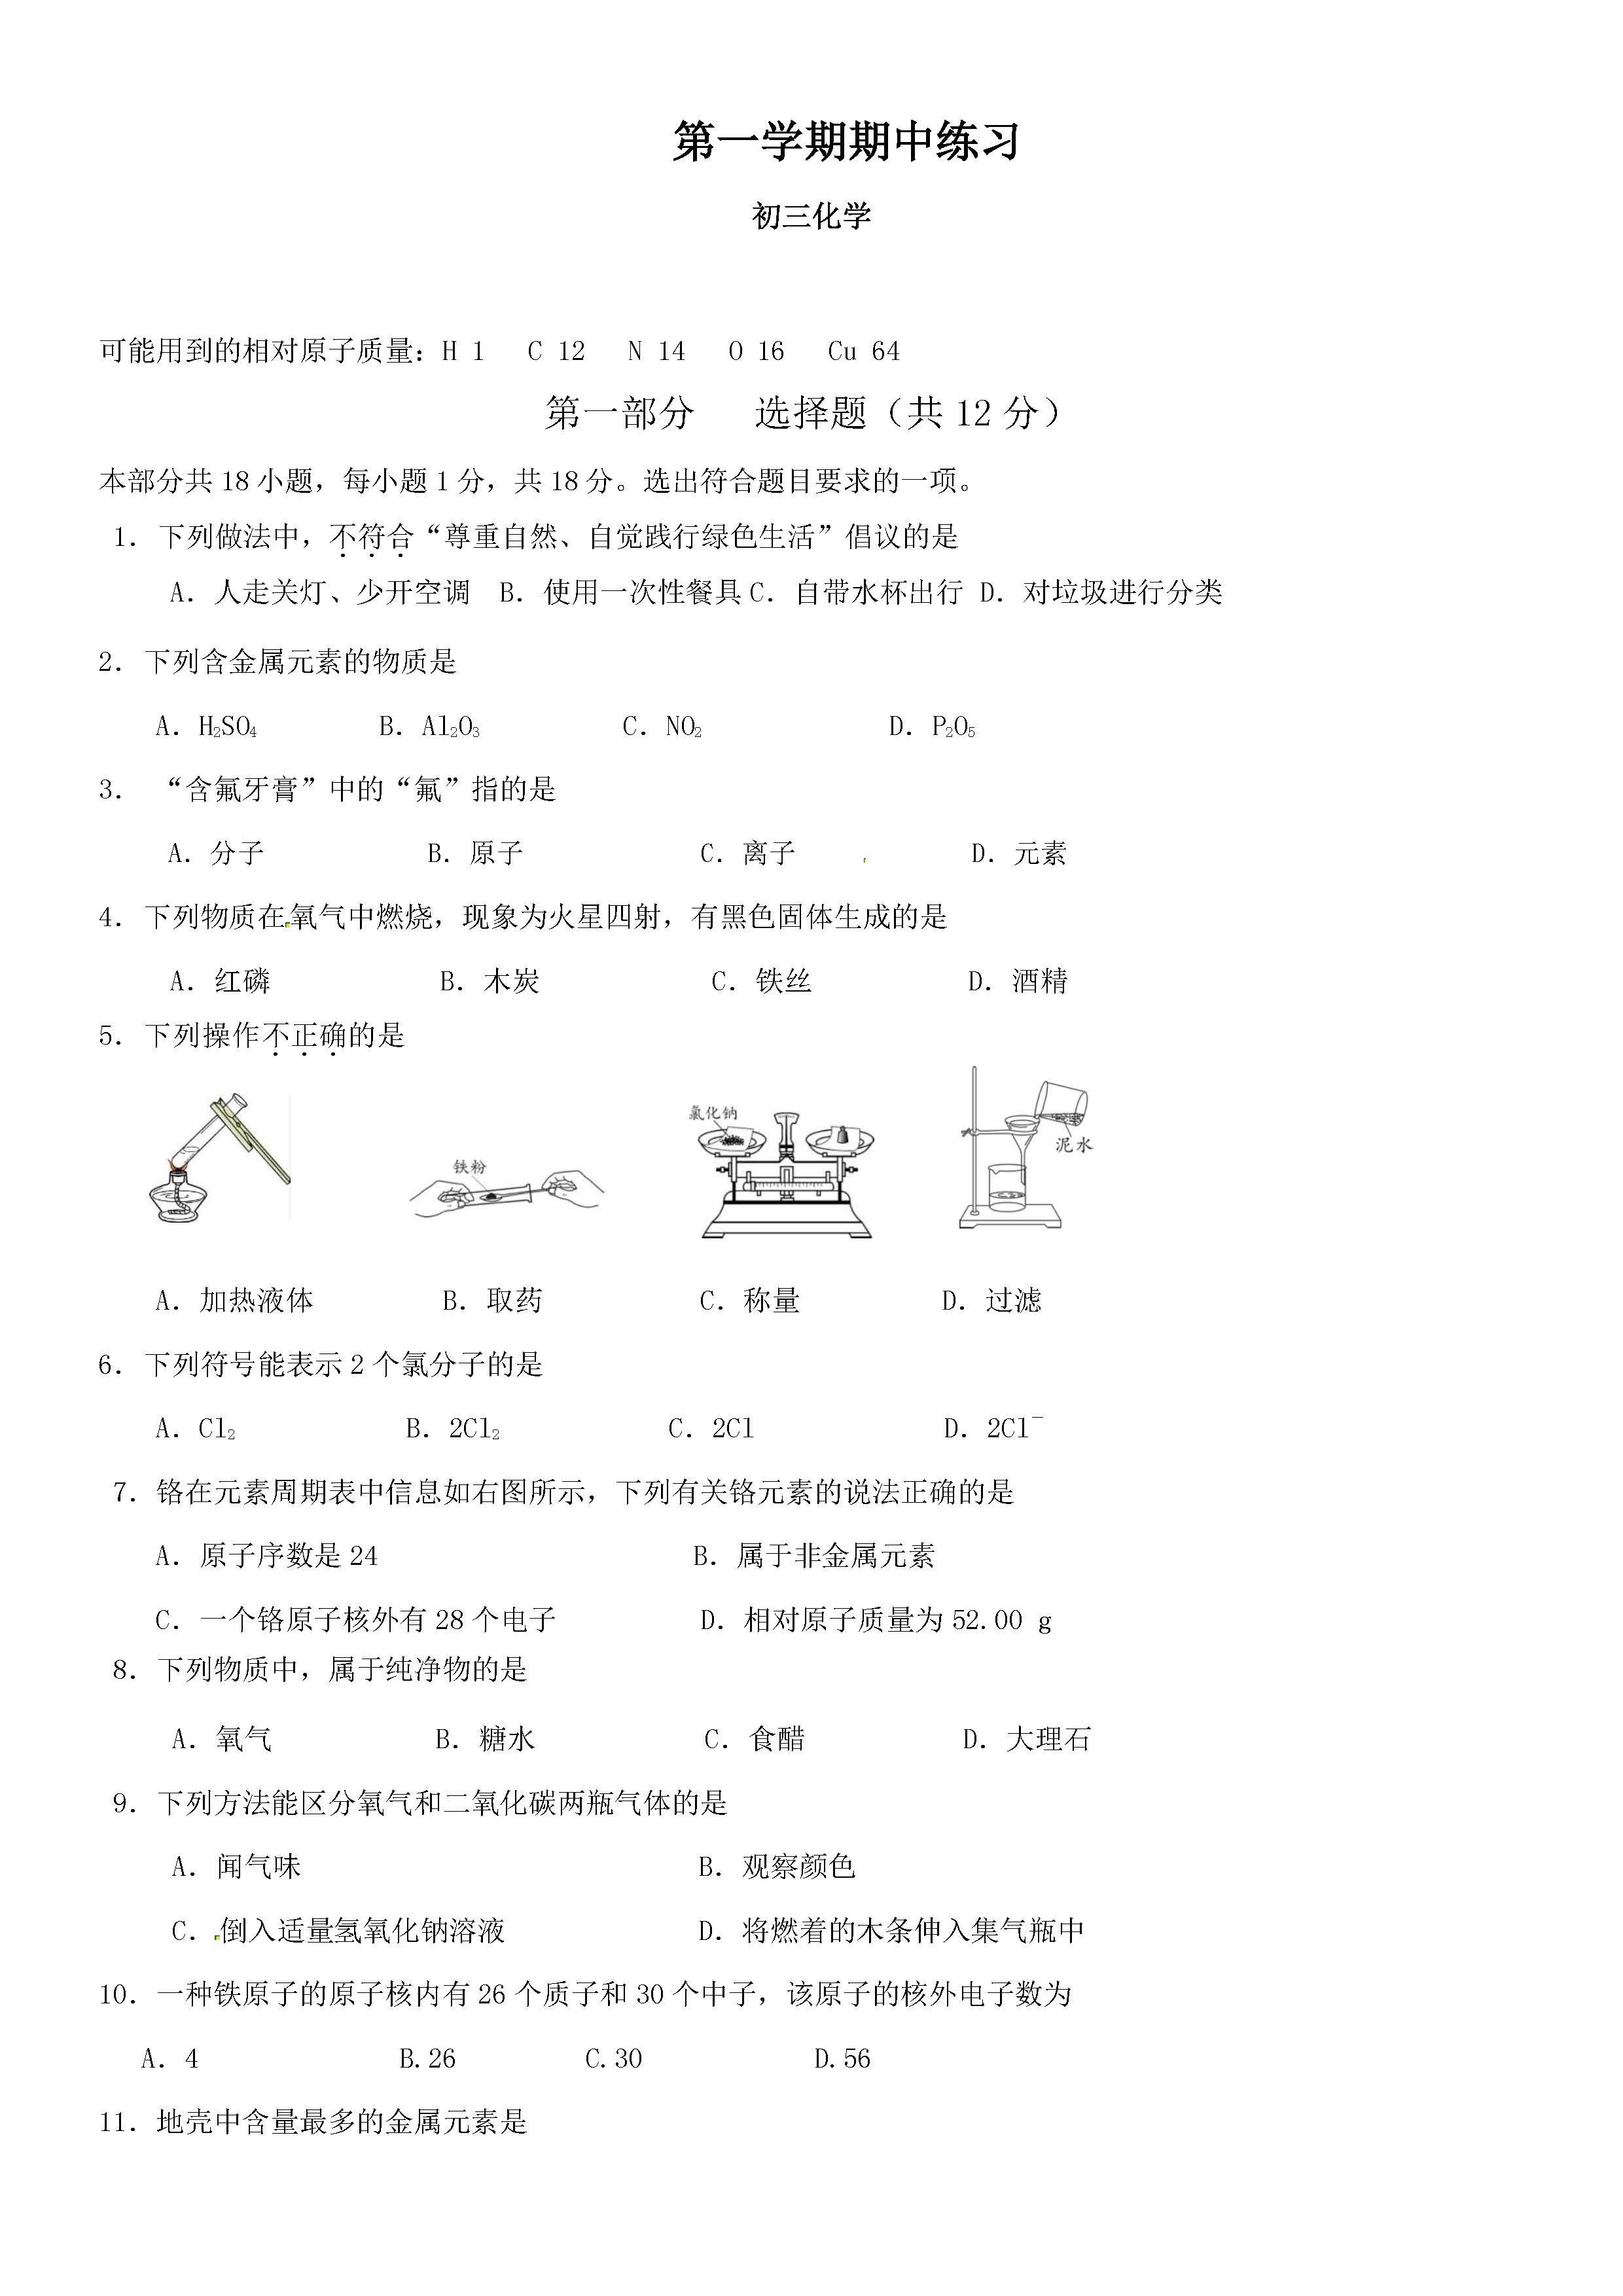 2018-2019学年北京丰台长辛店一中初三期中化学试题及答案(图片版)